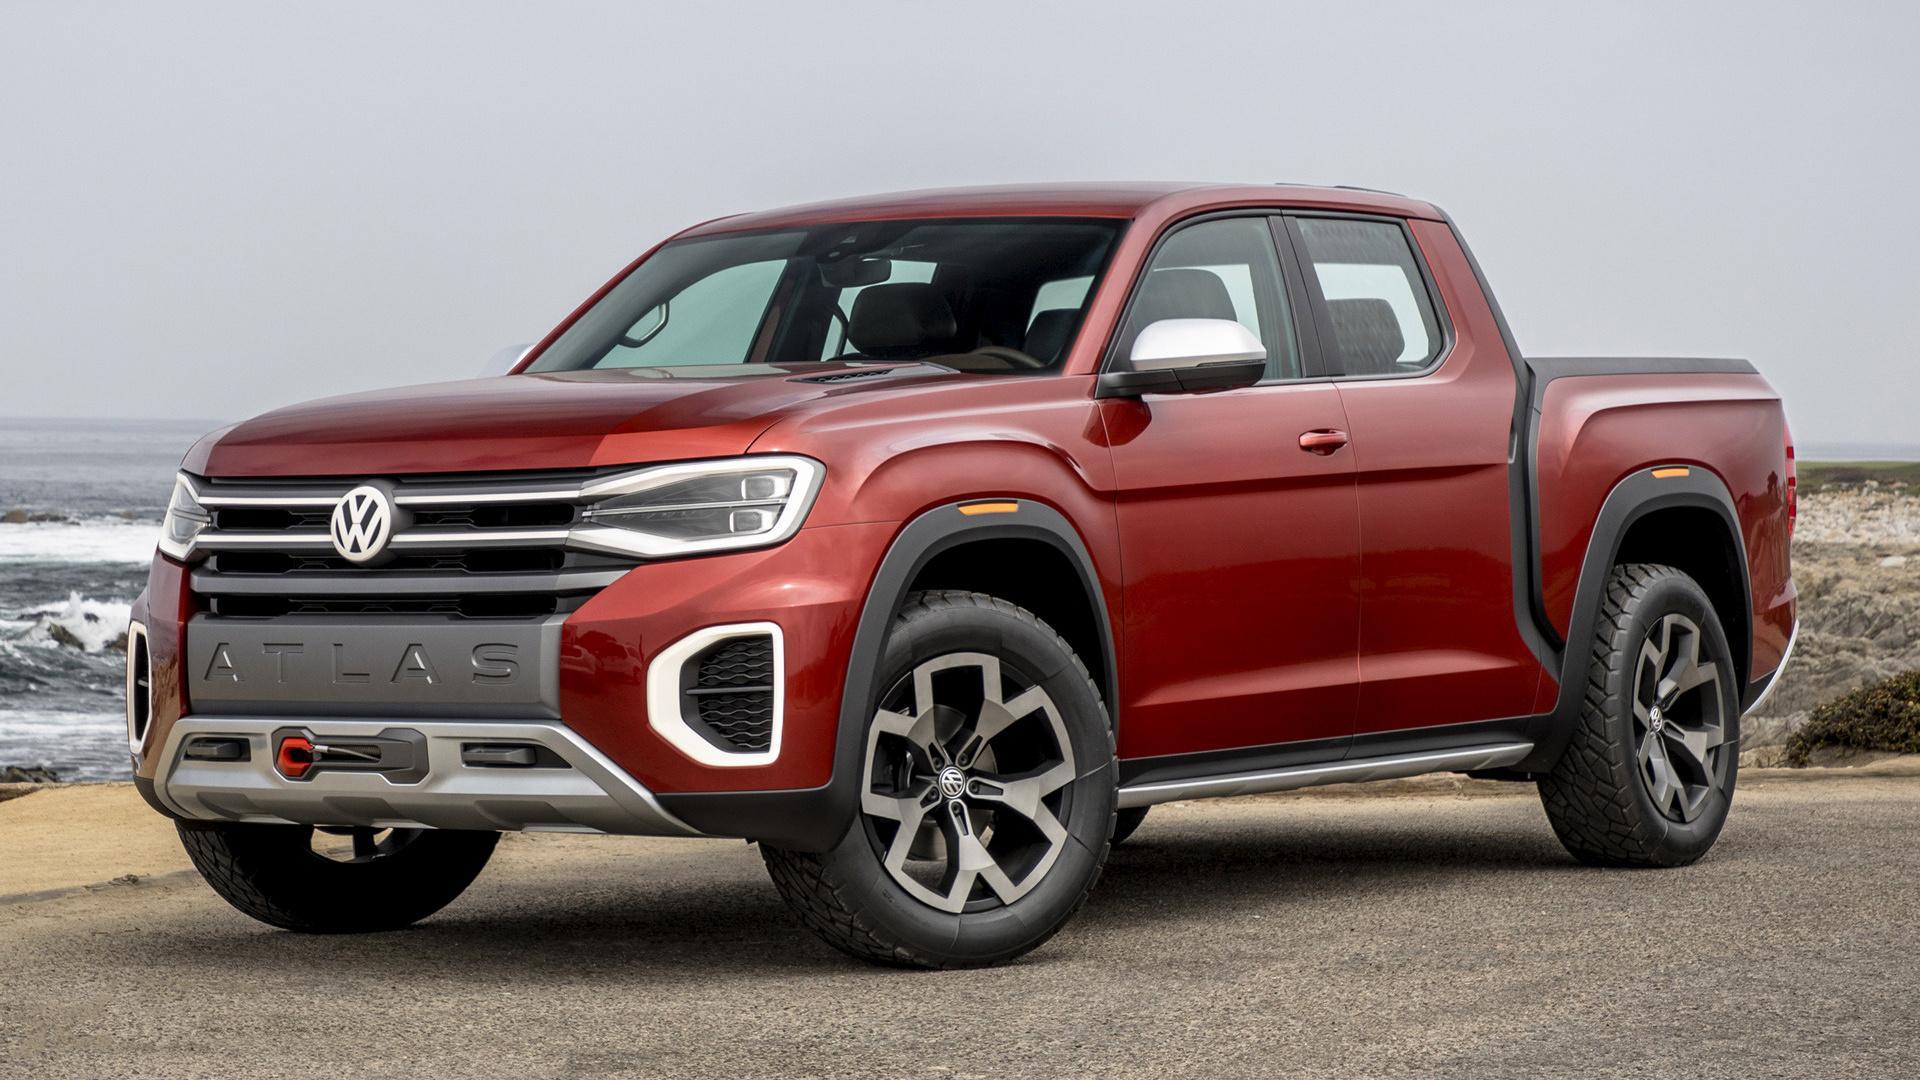 2018 Volkswagen Atlas Tanoak Pickup Truck Concept ...